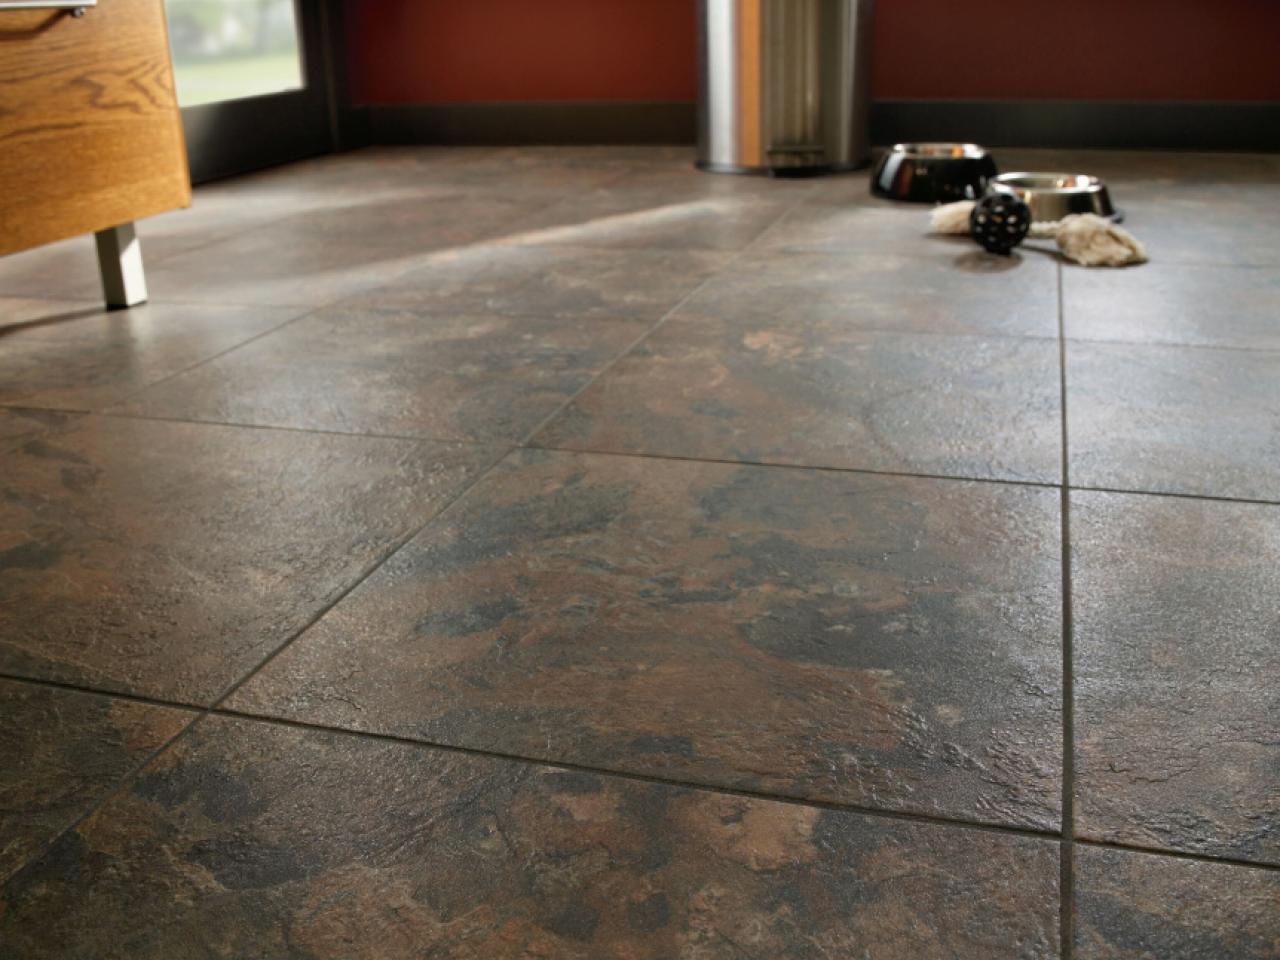 Tiled linoleum // HGTV.com